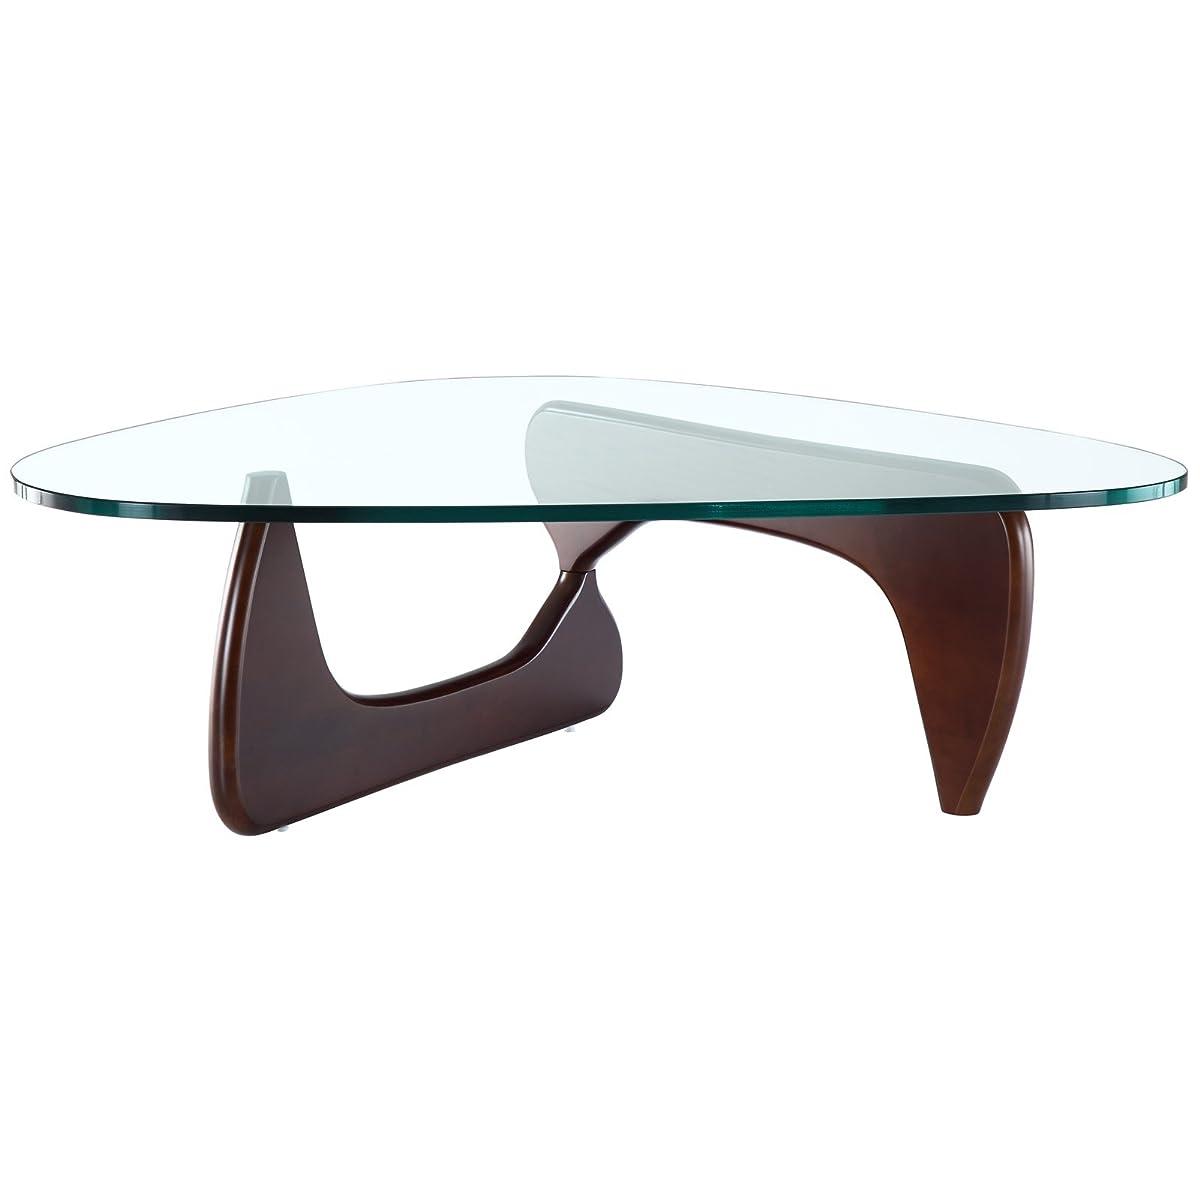 Modway Triangle Coffee Table in Dark Walnut